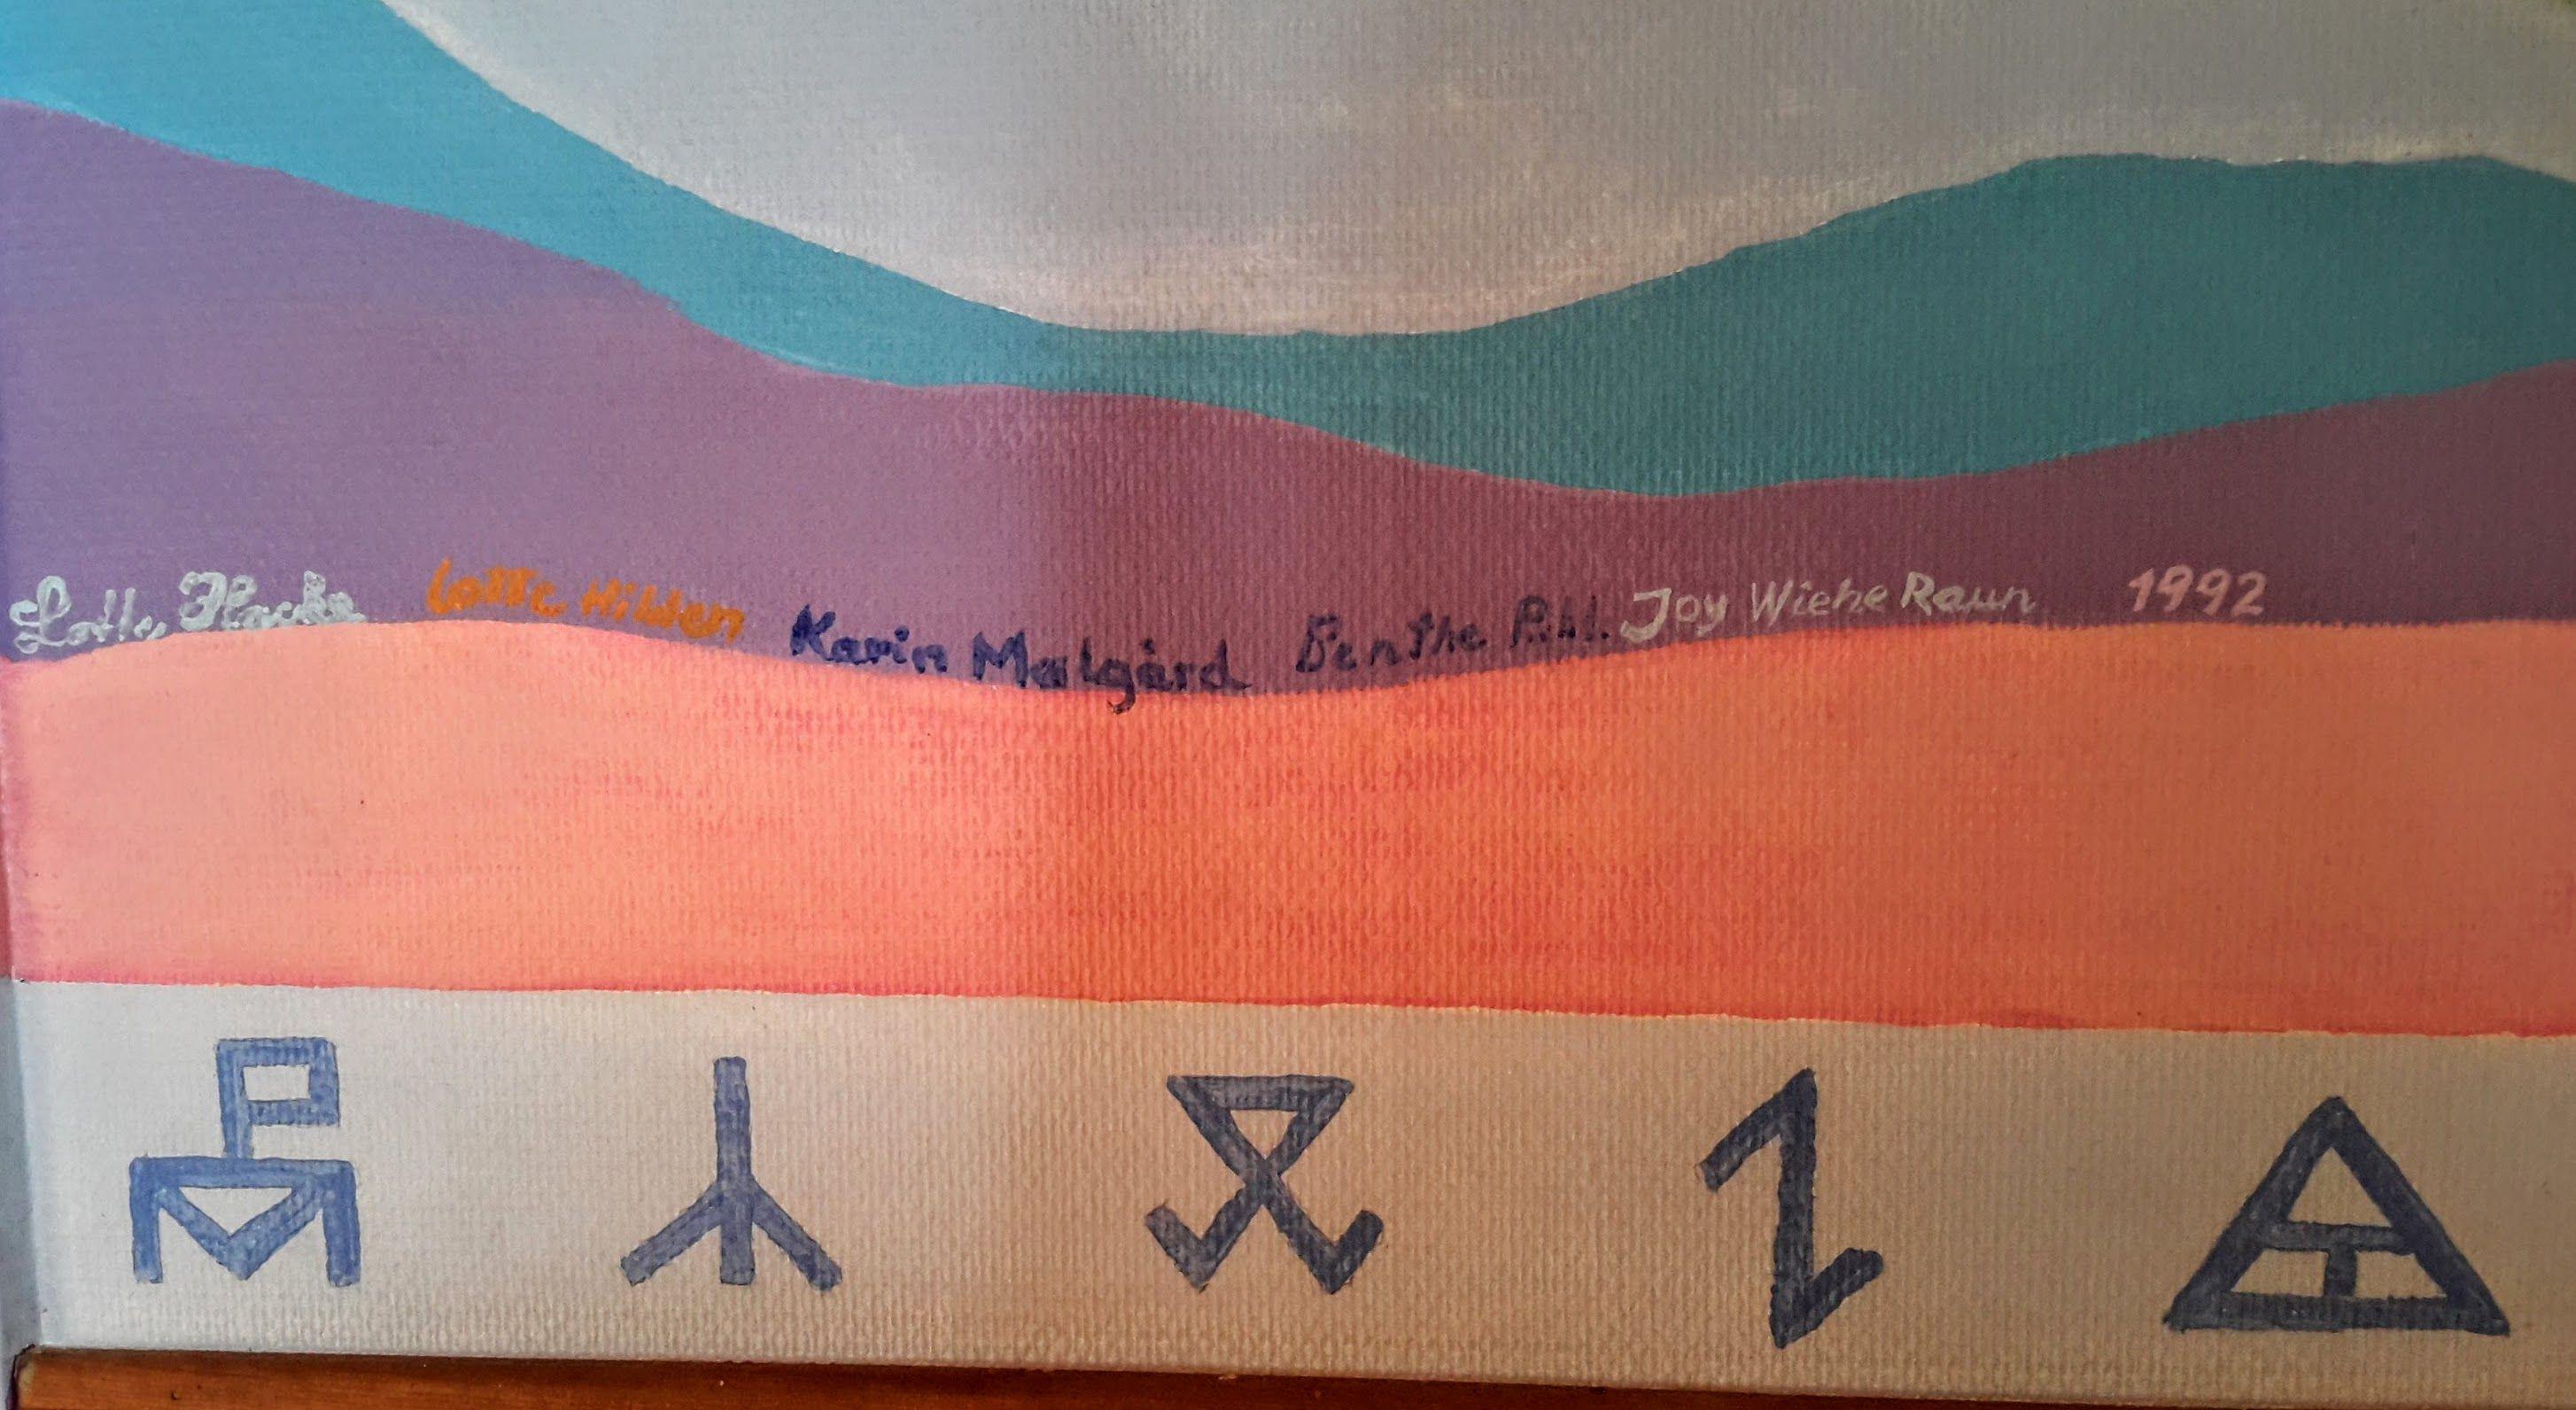 Her er kunstnerne bag vægmaleriet fra 1992 i Bogø Forsamlingshus. Mærkerne er karmærker, dvs. ejermærker, som blev brugt på redskaber og inventar mm.